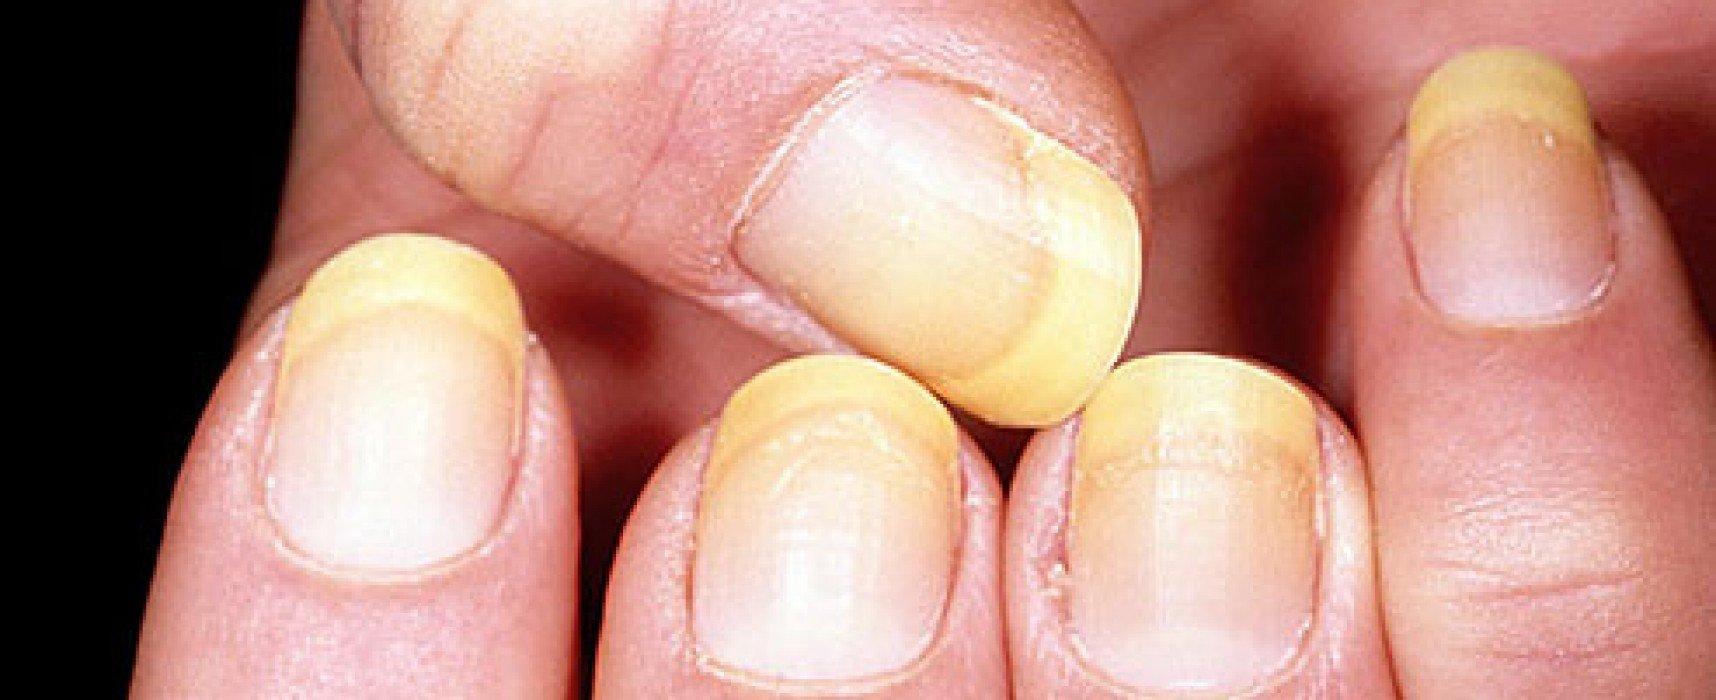 Грибок ногтей у ребенка фото на руках